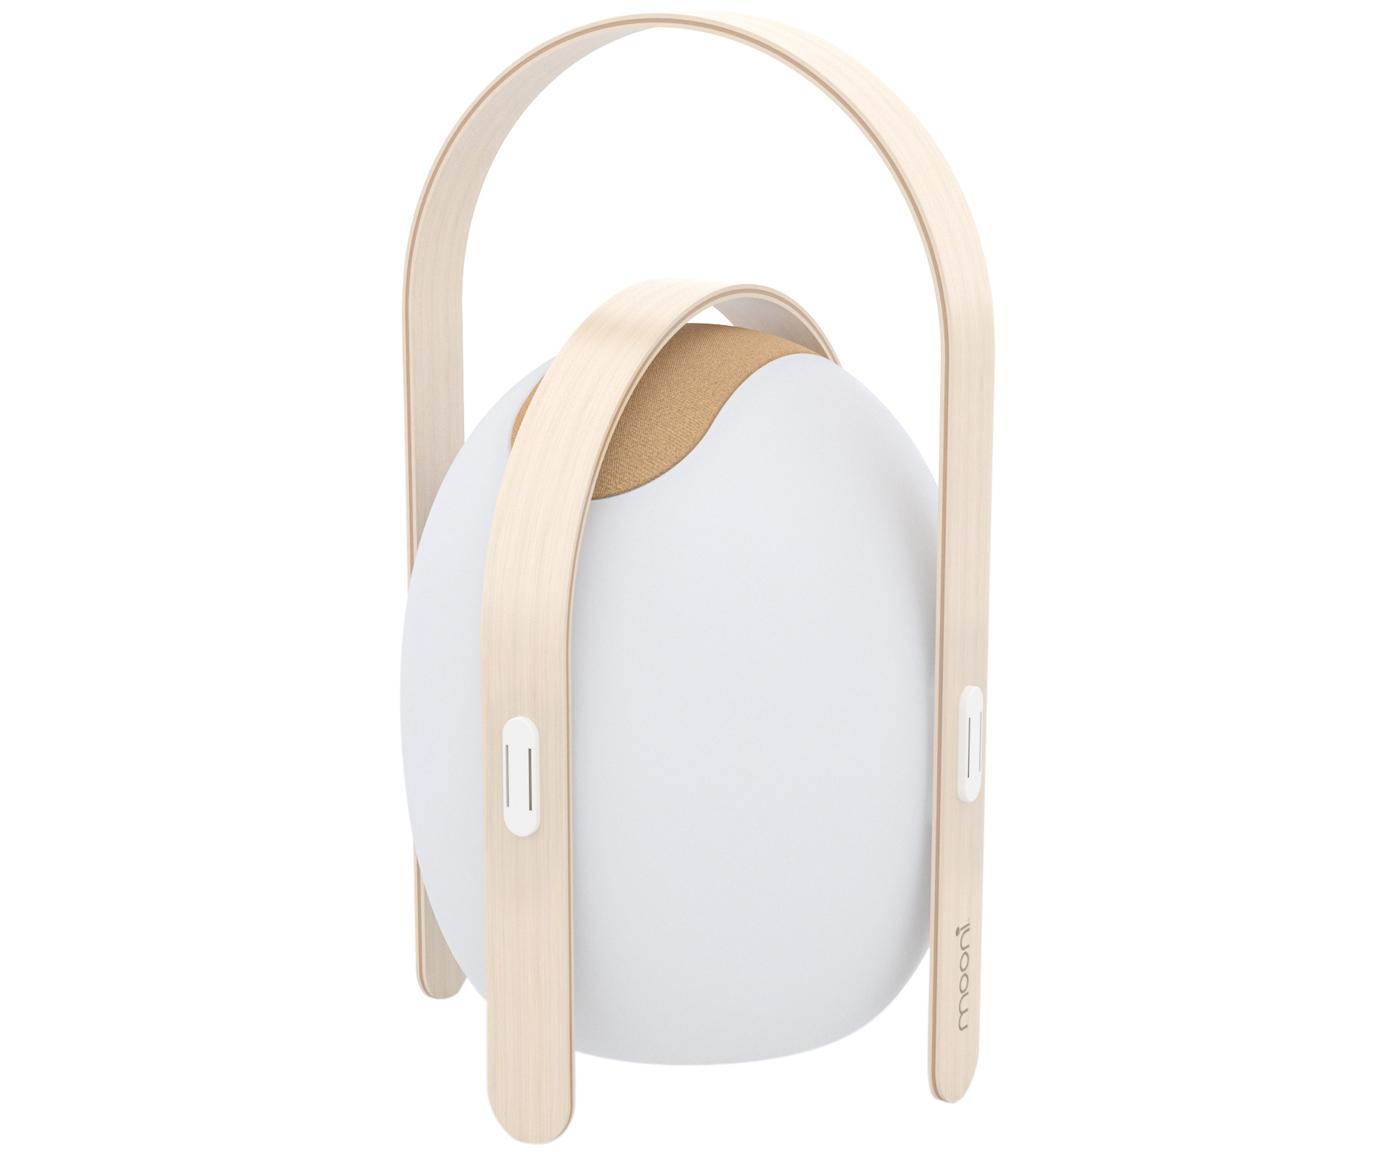 Lampada da esterno a LED portatile Ovo, Paralume: materiale sintetico (LDPE, Struttura: legno di olmo con impiall, Bianco, marrone chiaro, Ø 24 x A 39 cm